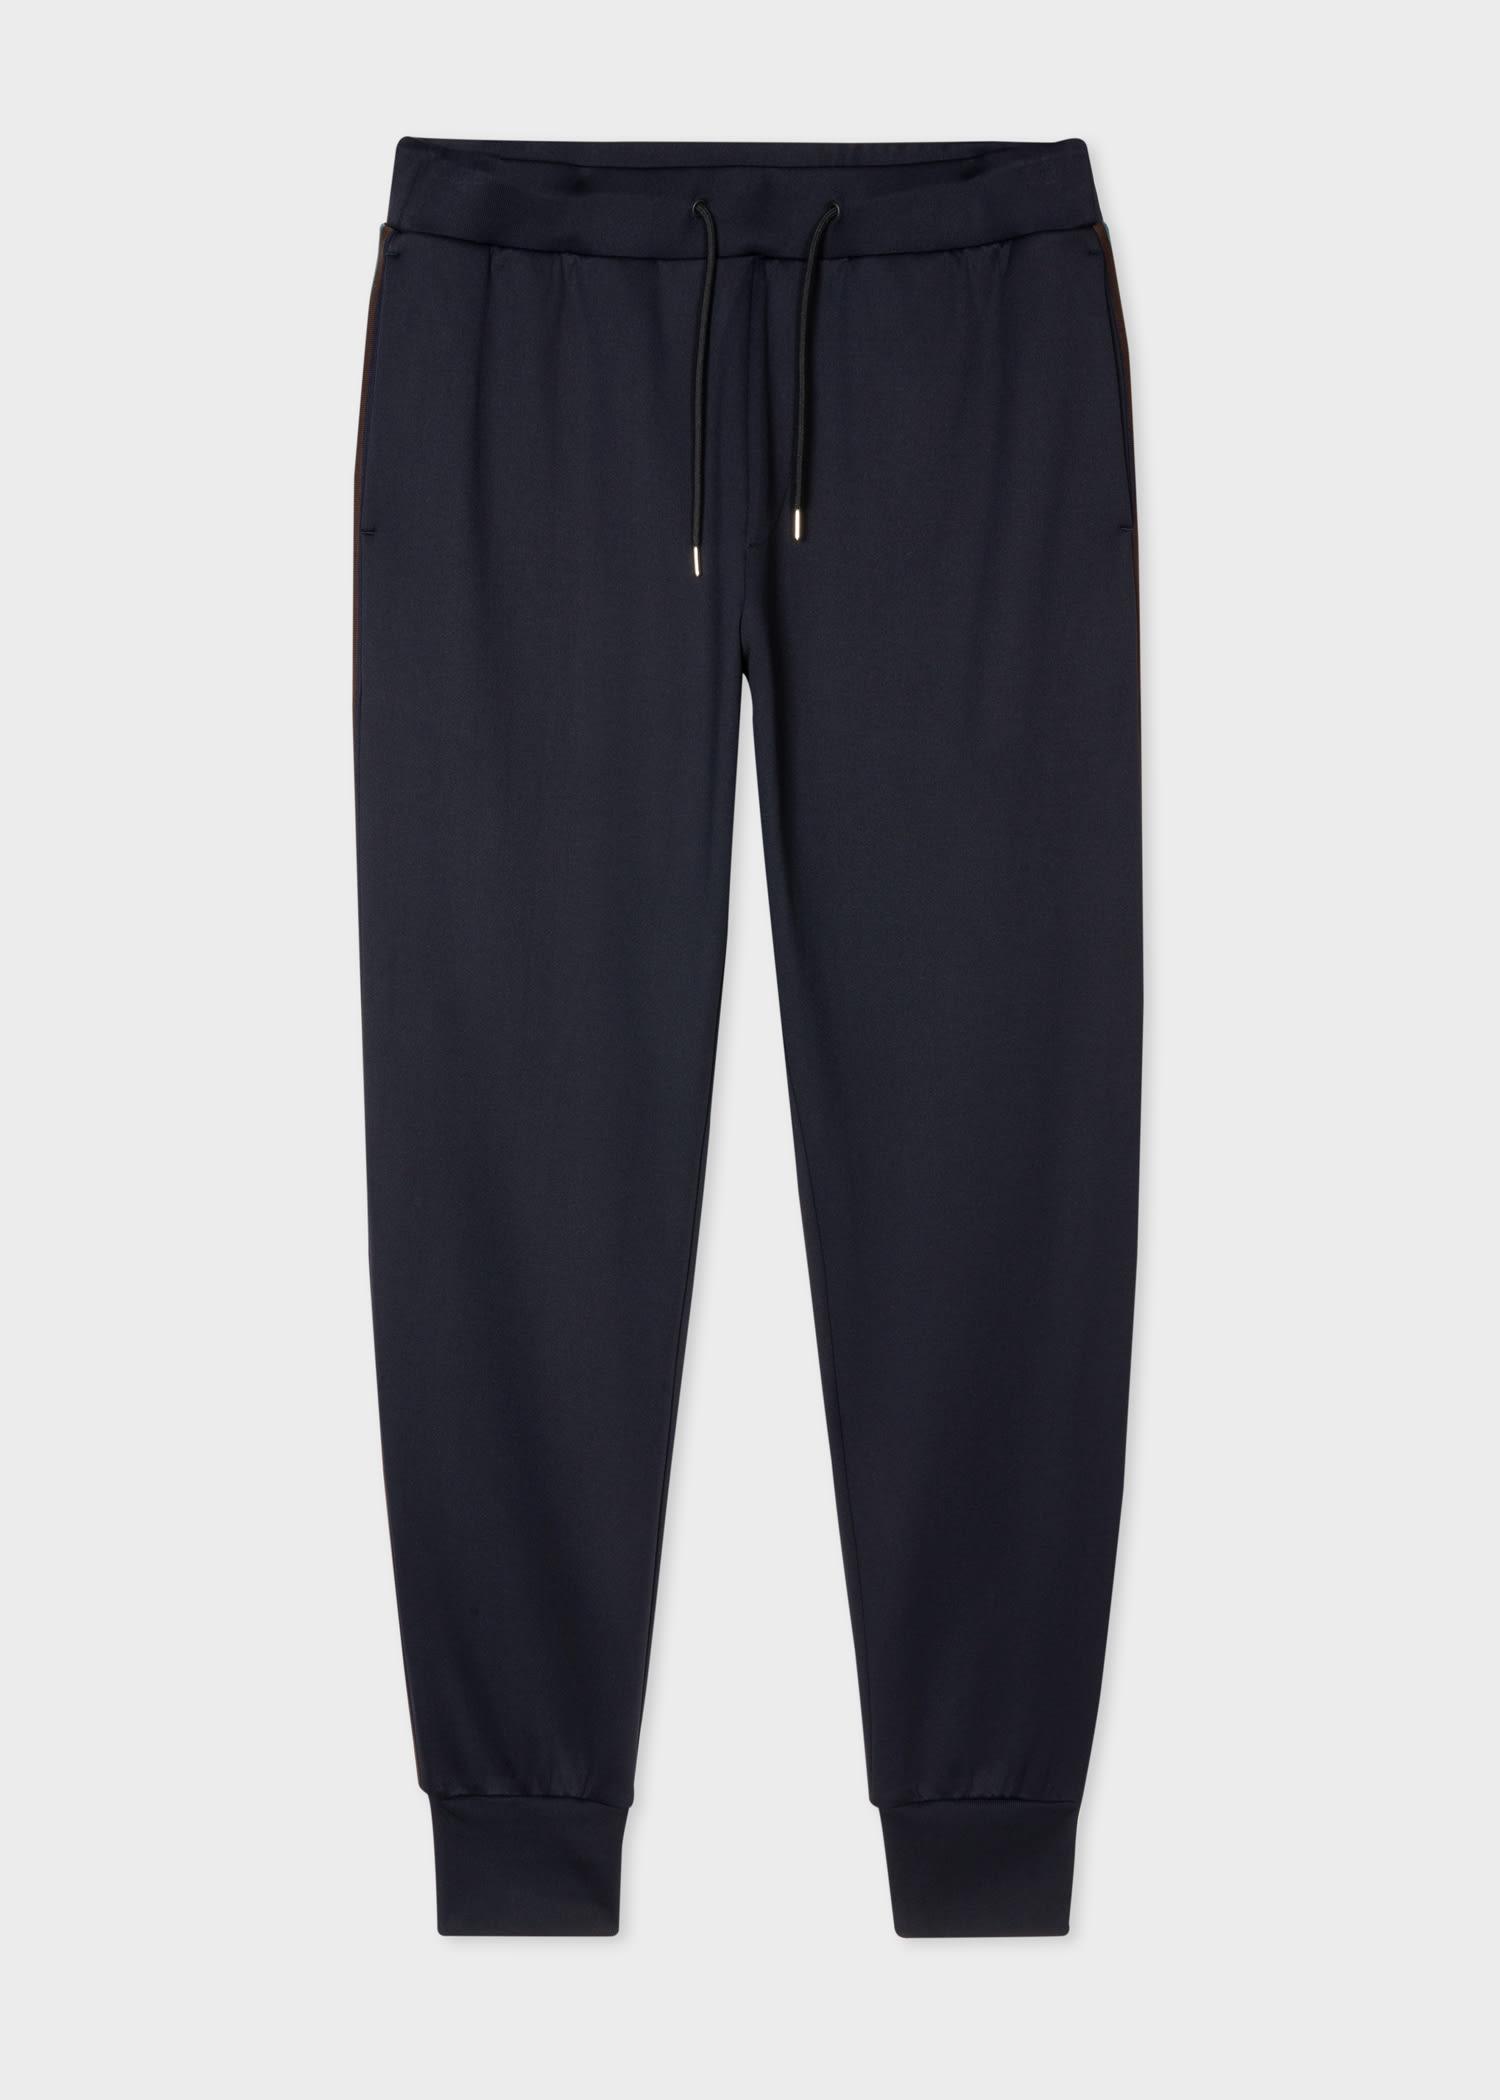 폴 스미스 스웻팬츠 Paul Smith Mens Dark Navy Artist Stripe Panel Sweatpants